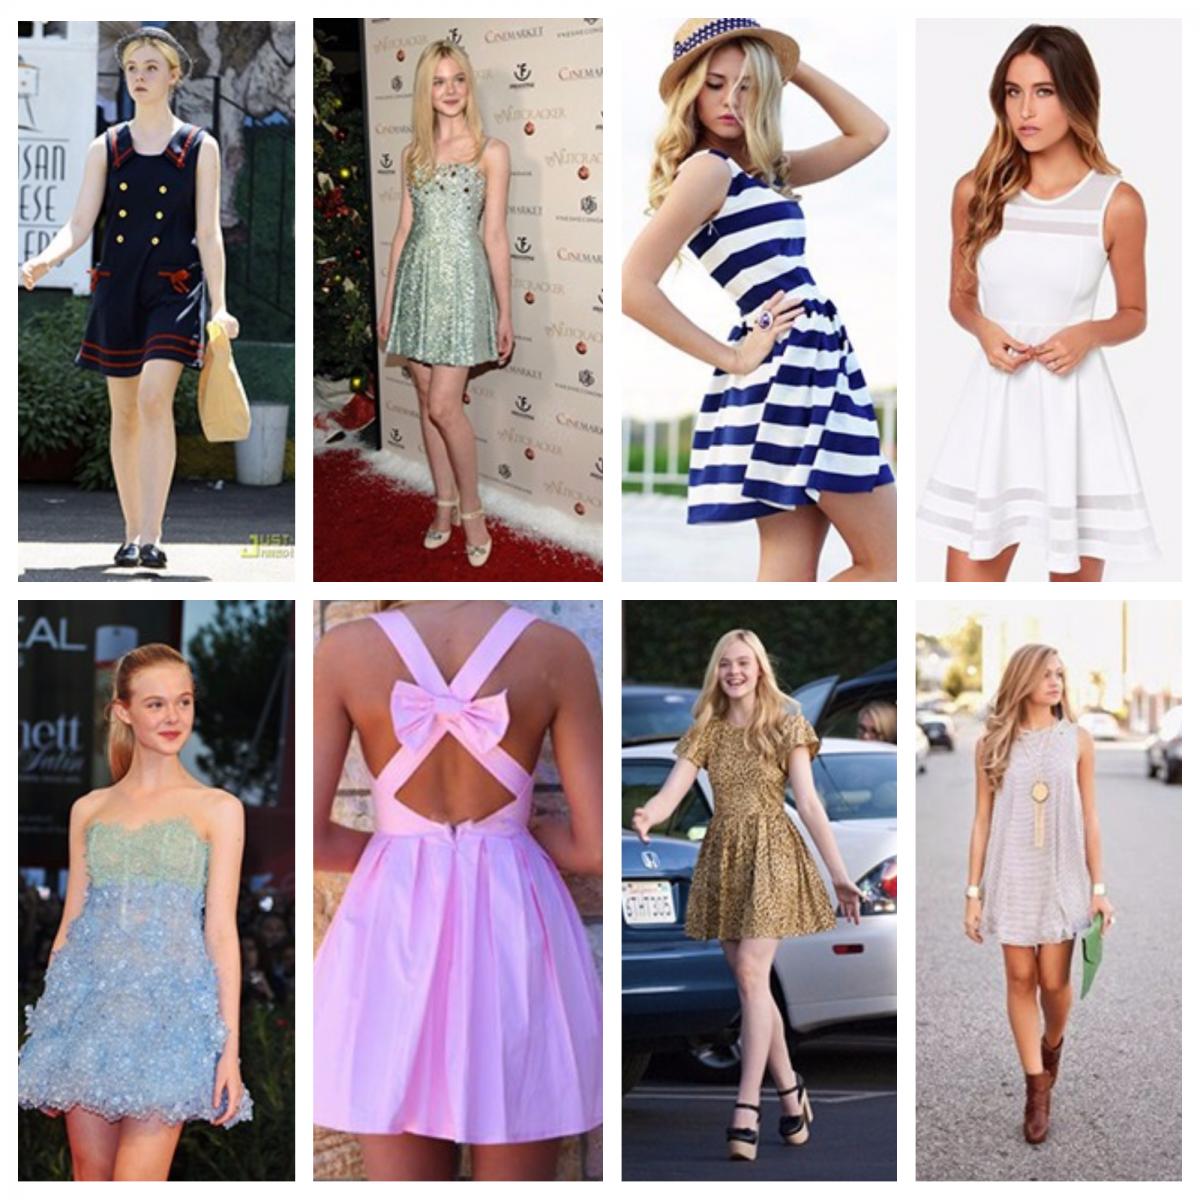 Ce modele de rochii sa porti in functie de varsta:de la 15 la 45 de ani